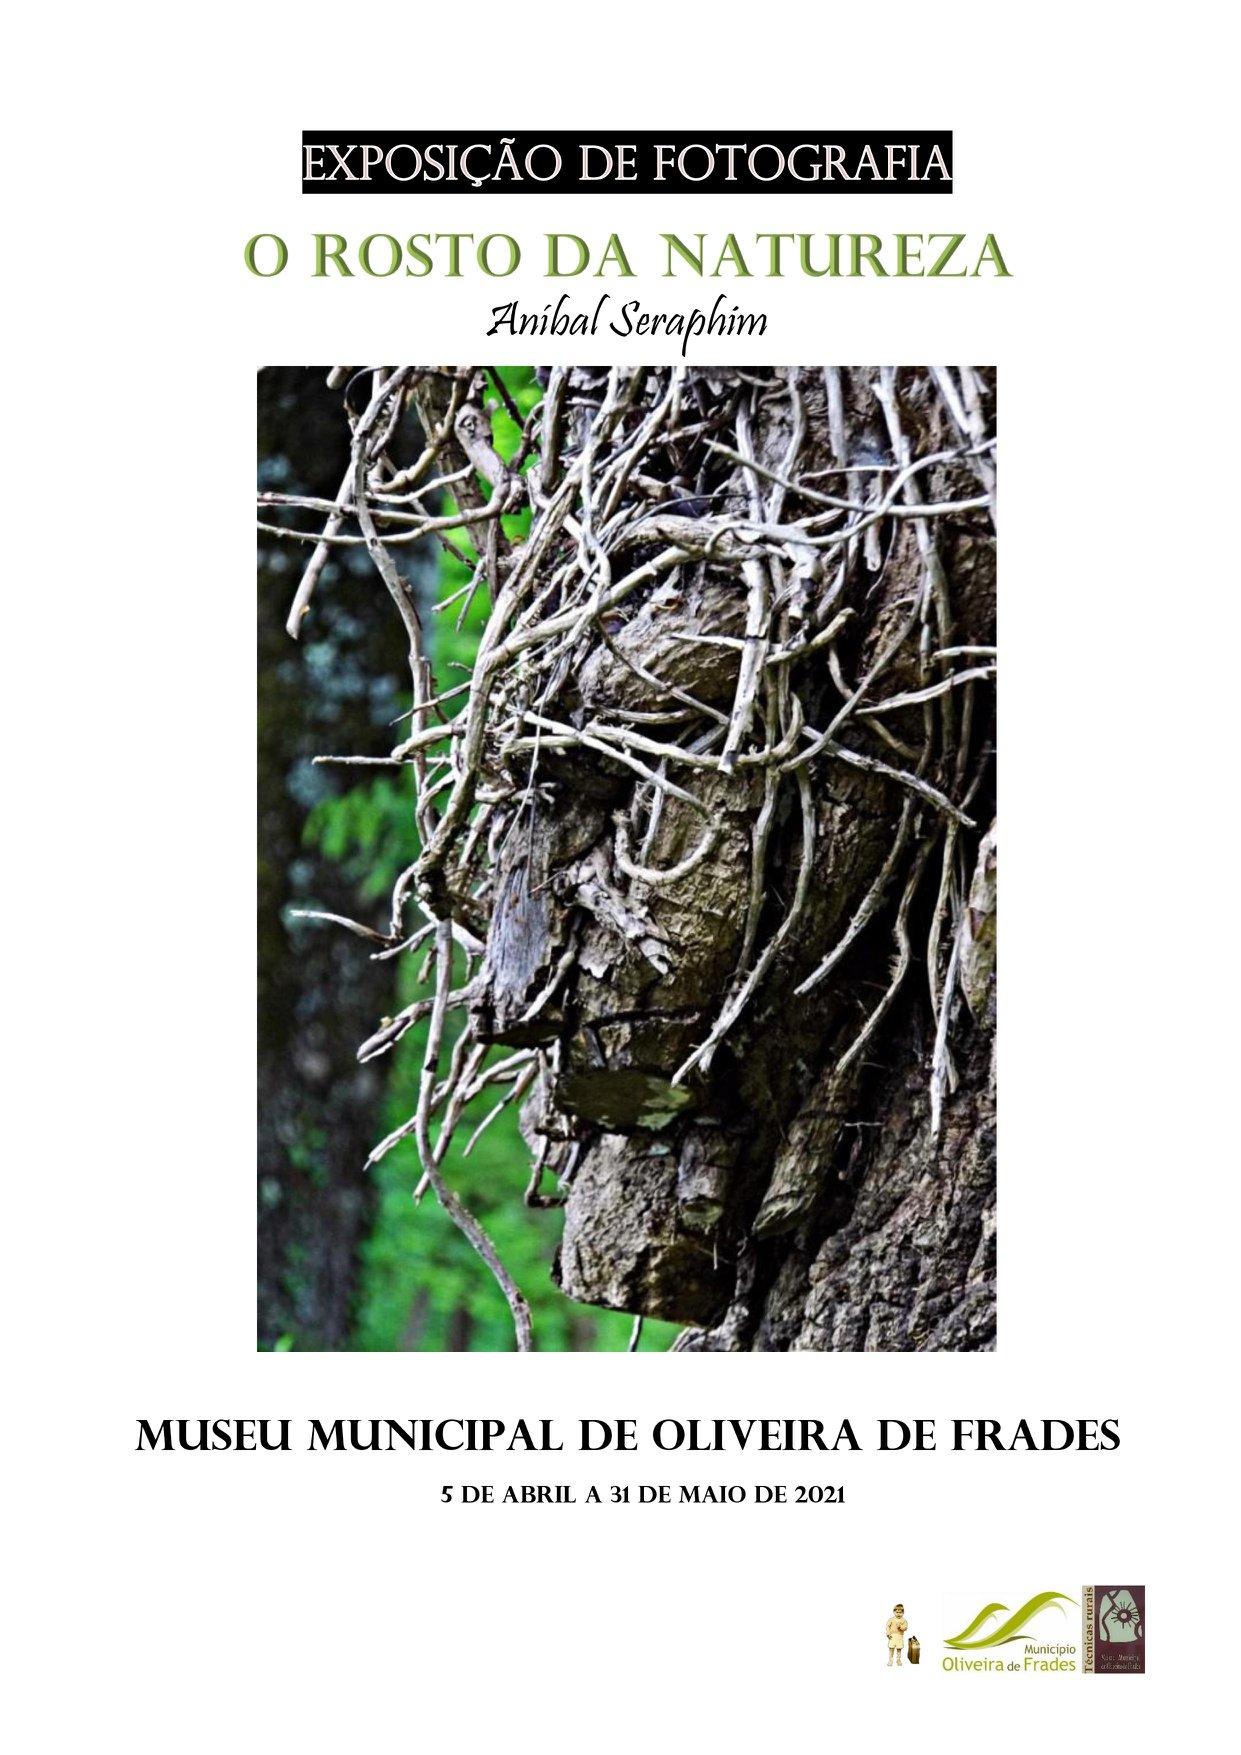 """Exposição de fotografia """"O Rosto da Natureza"""" em Oliveira de Frades"""